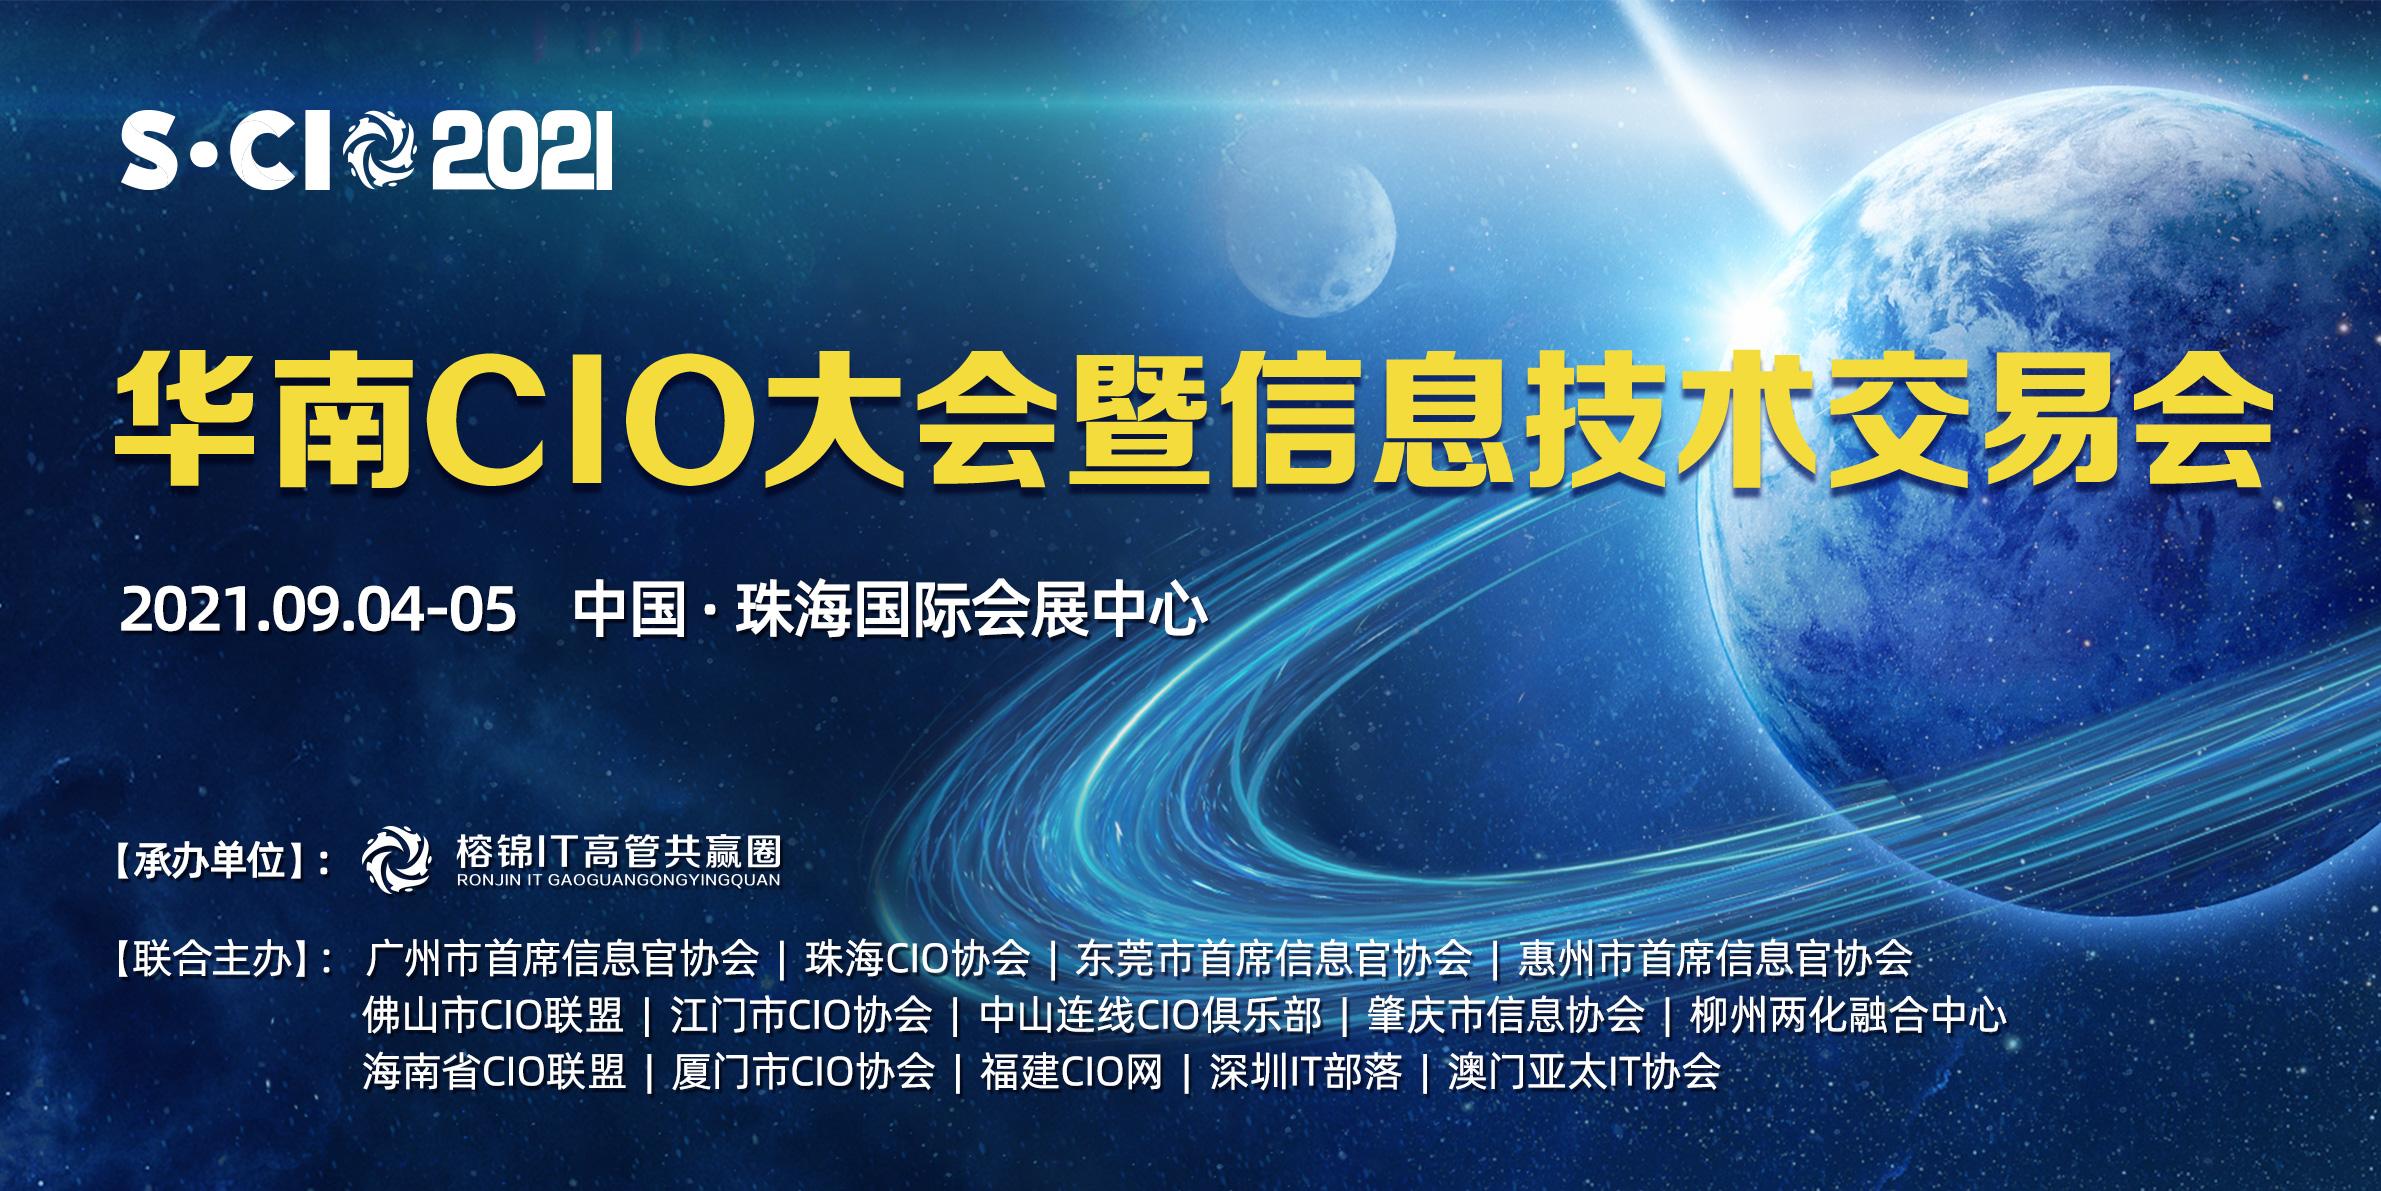 2021年华南CIO大会暨信息技术交易会